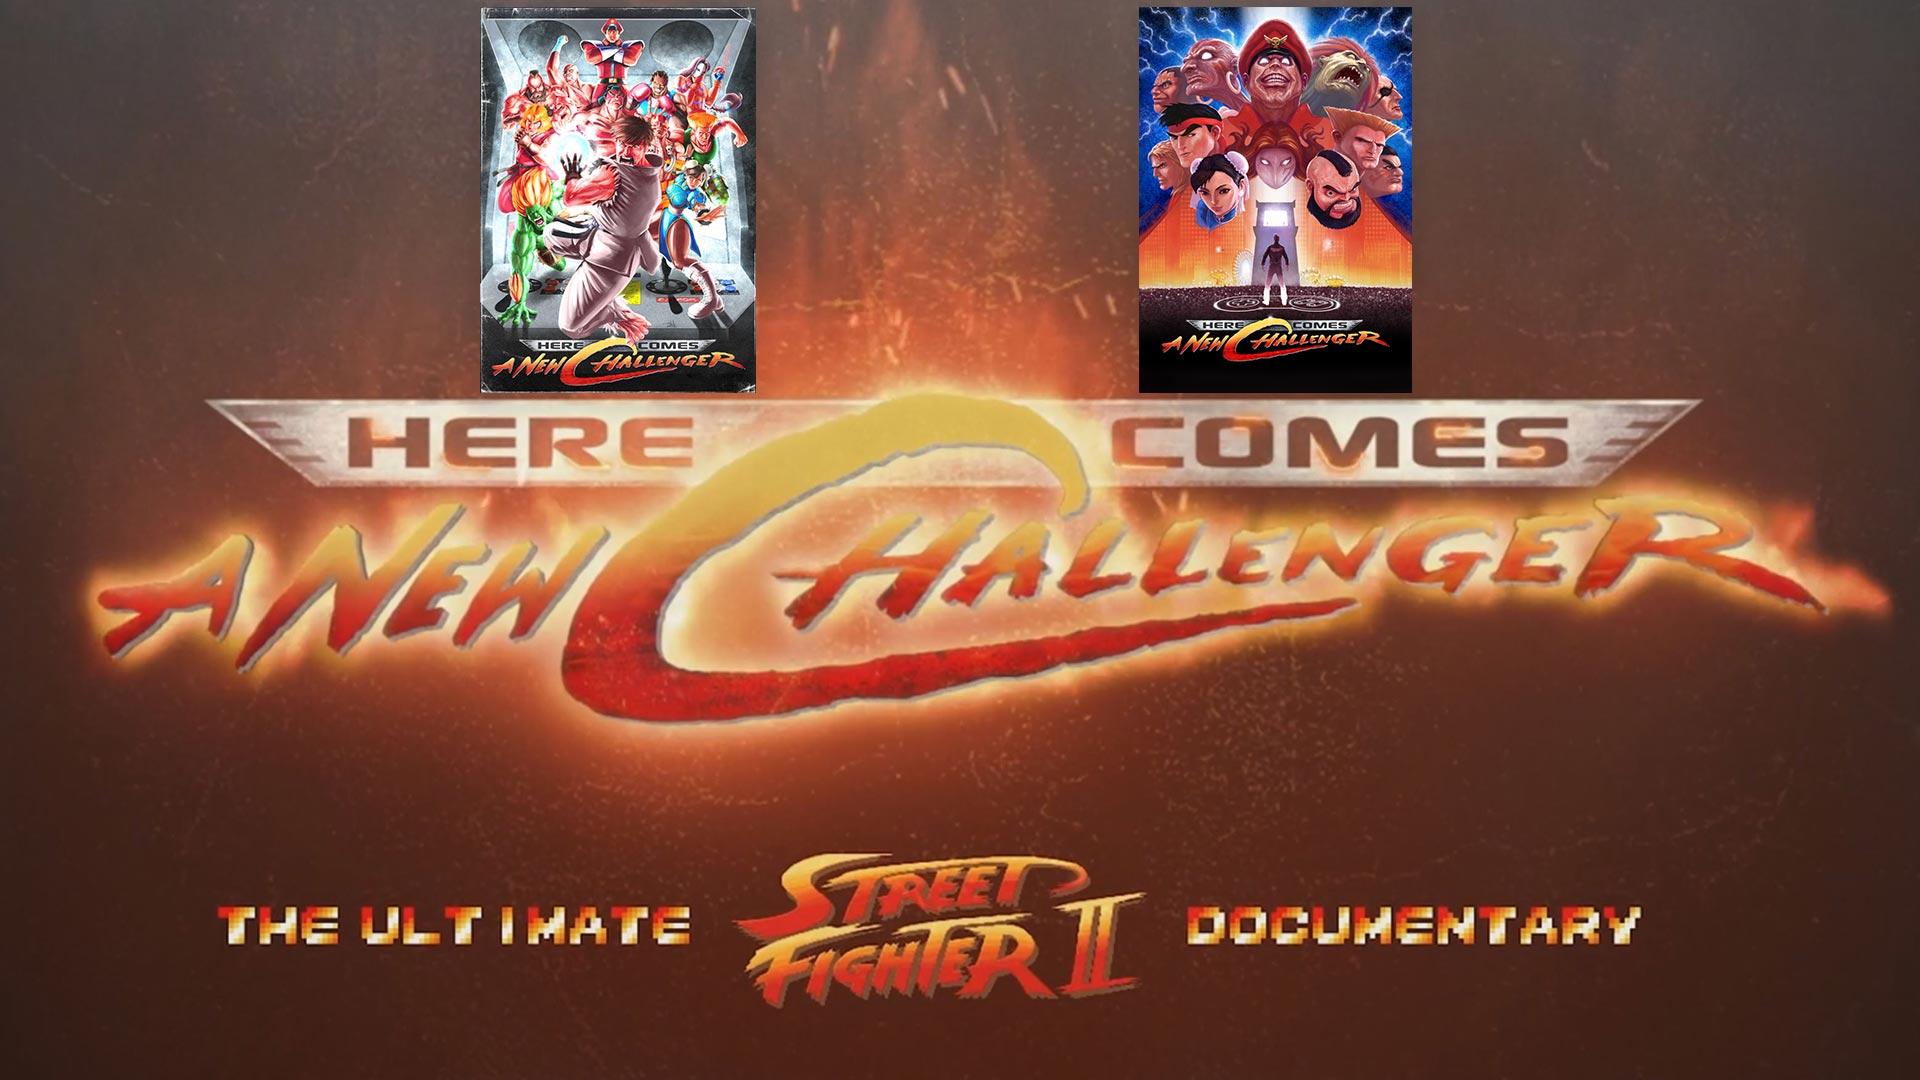 Street Fighter-Dokumentation bekommt neuen Trailer und Crowdfunding-Aktion